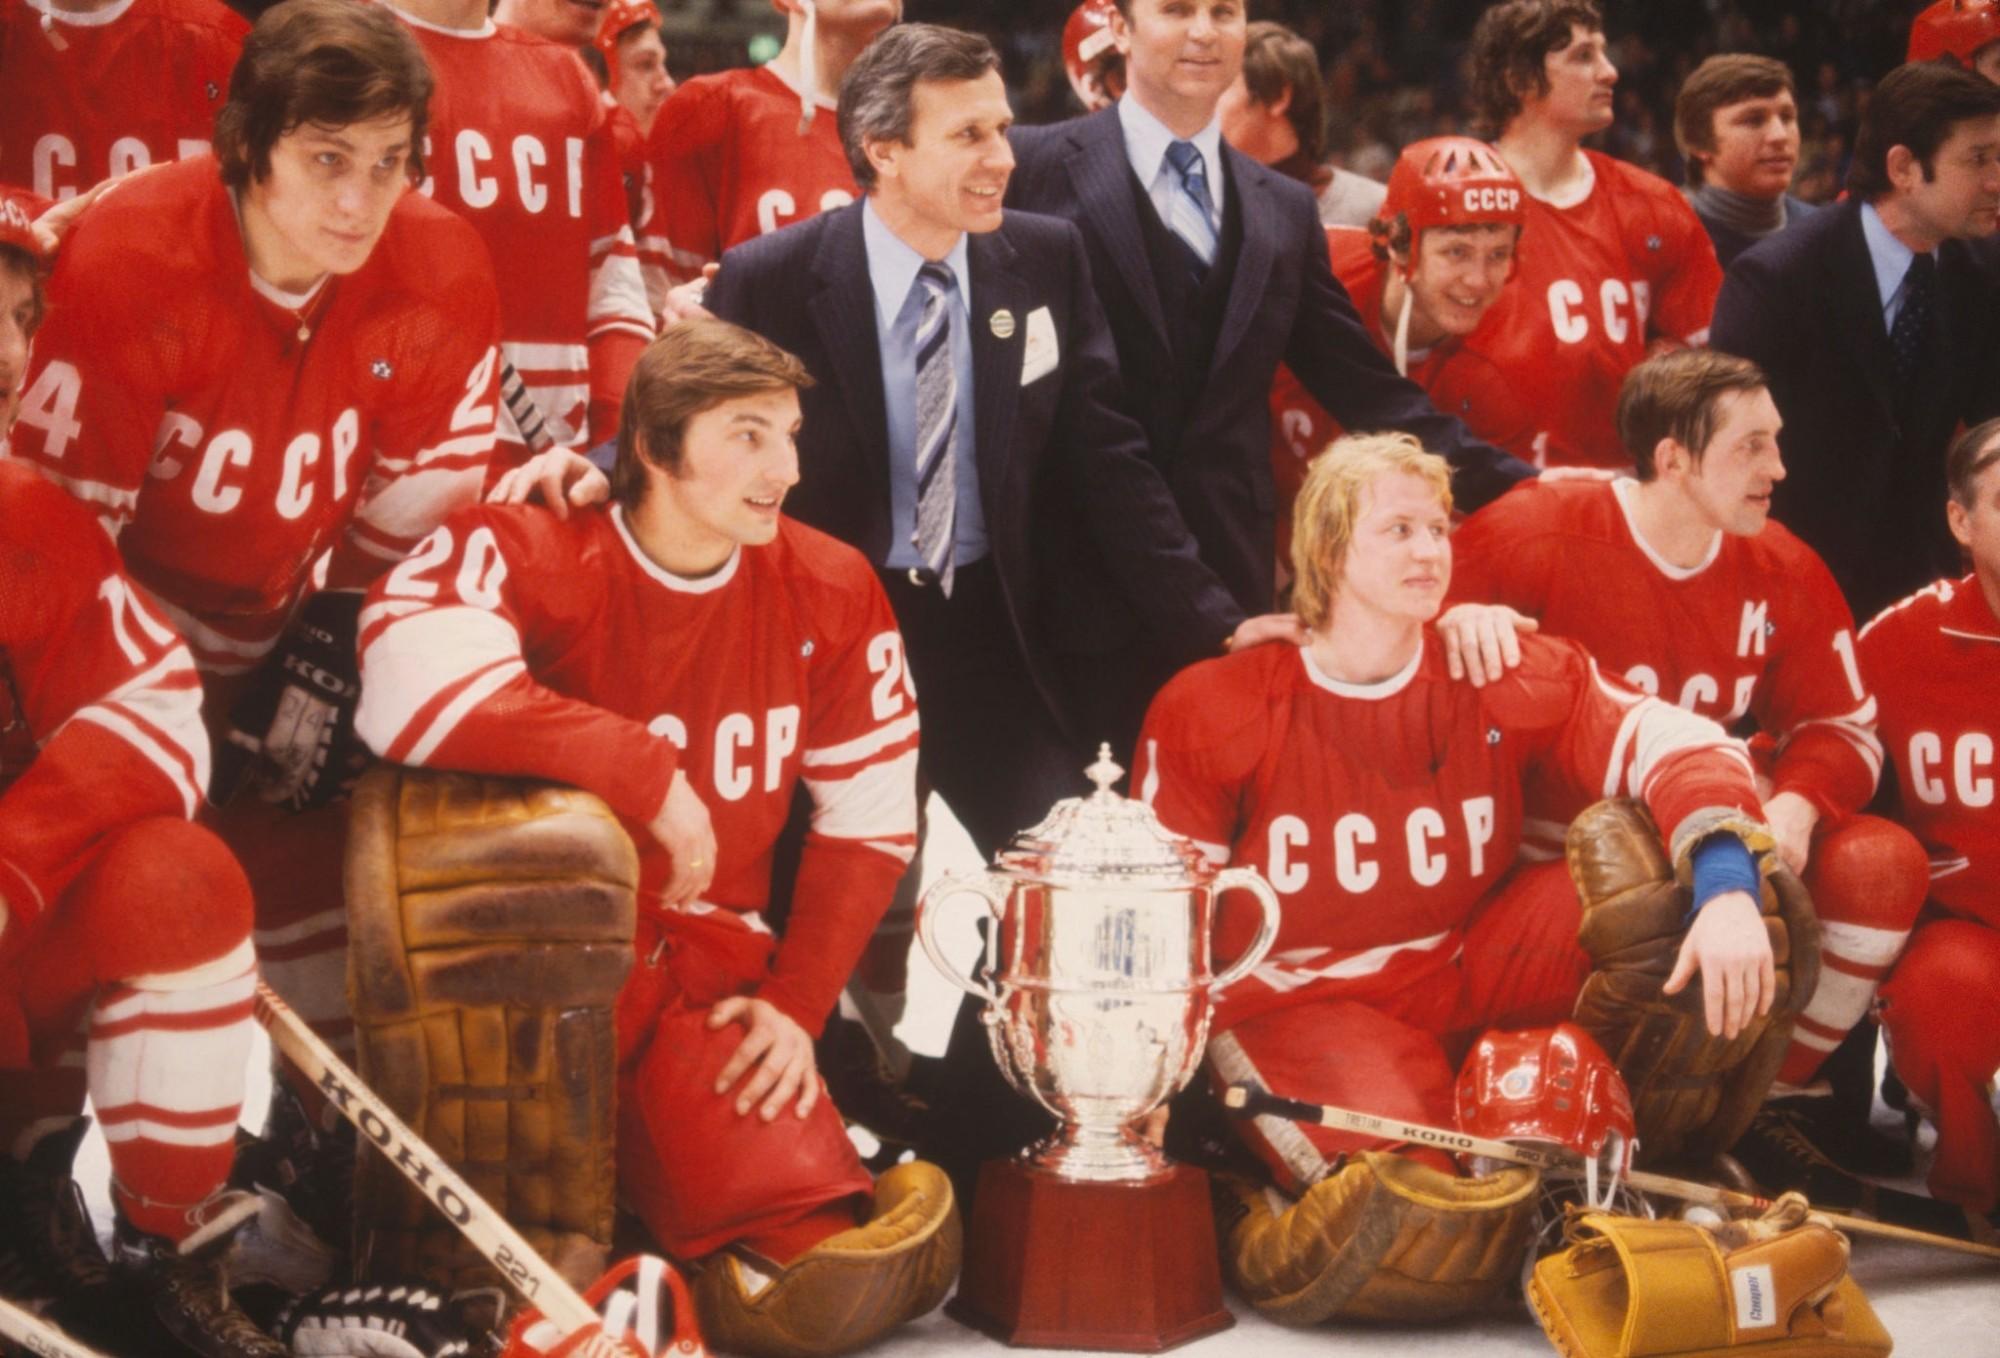 1979 финал между сборными хоккея СССР и Канады закончился co счетом 6-0